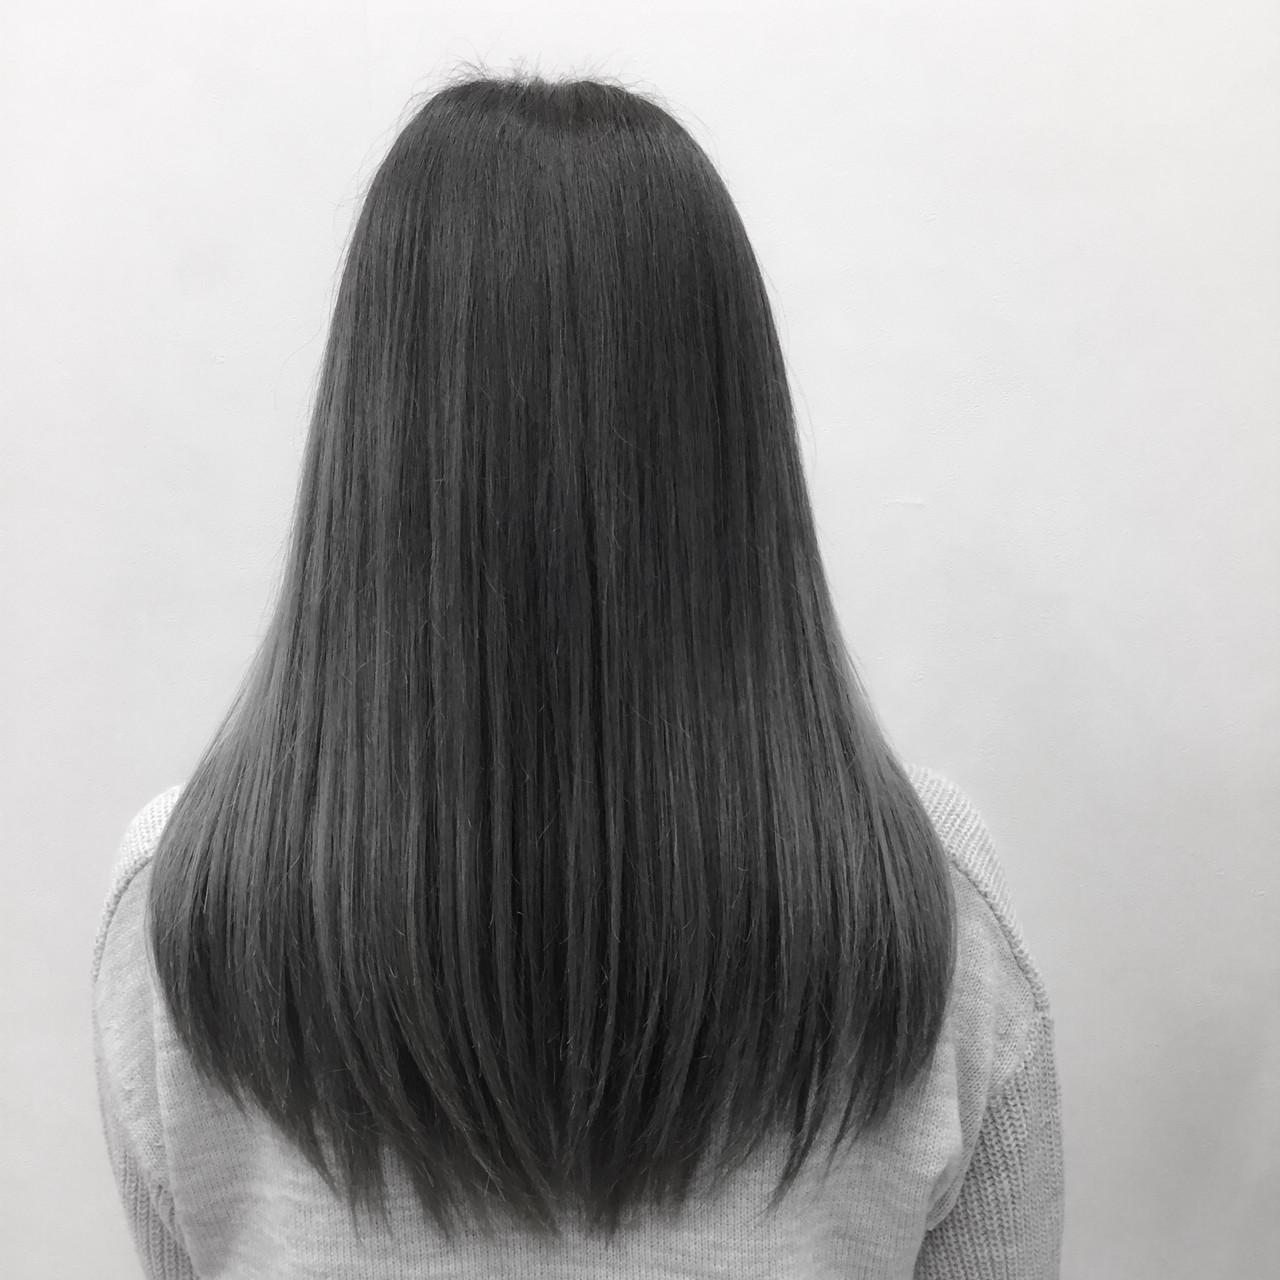 シルバーアッシュ ロング グラデーションカラー ストレート ヘアスタイルや髪型の写真・画像